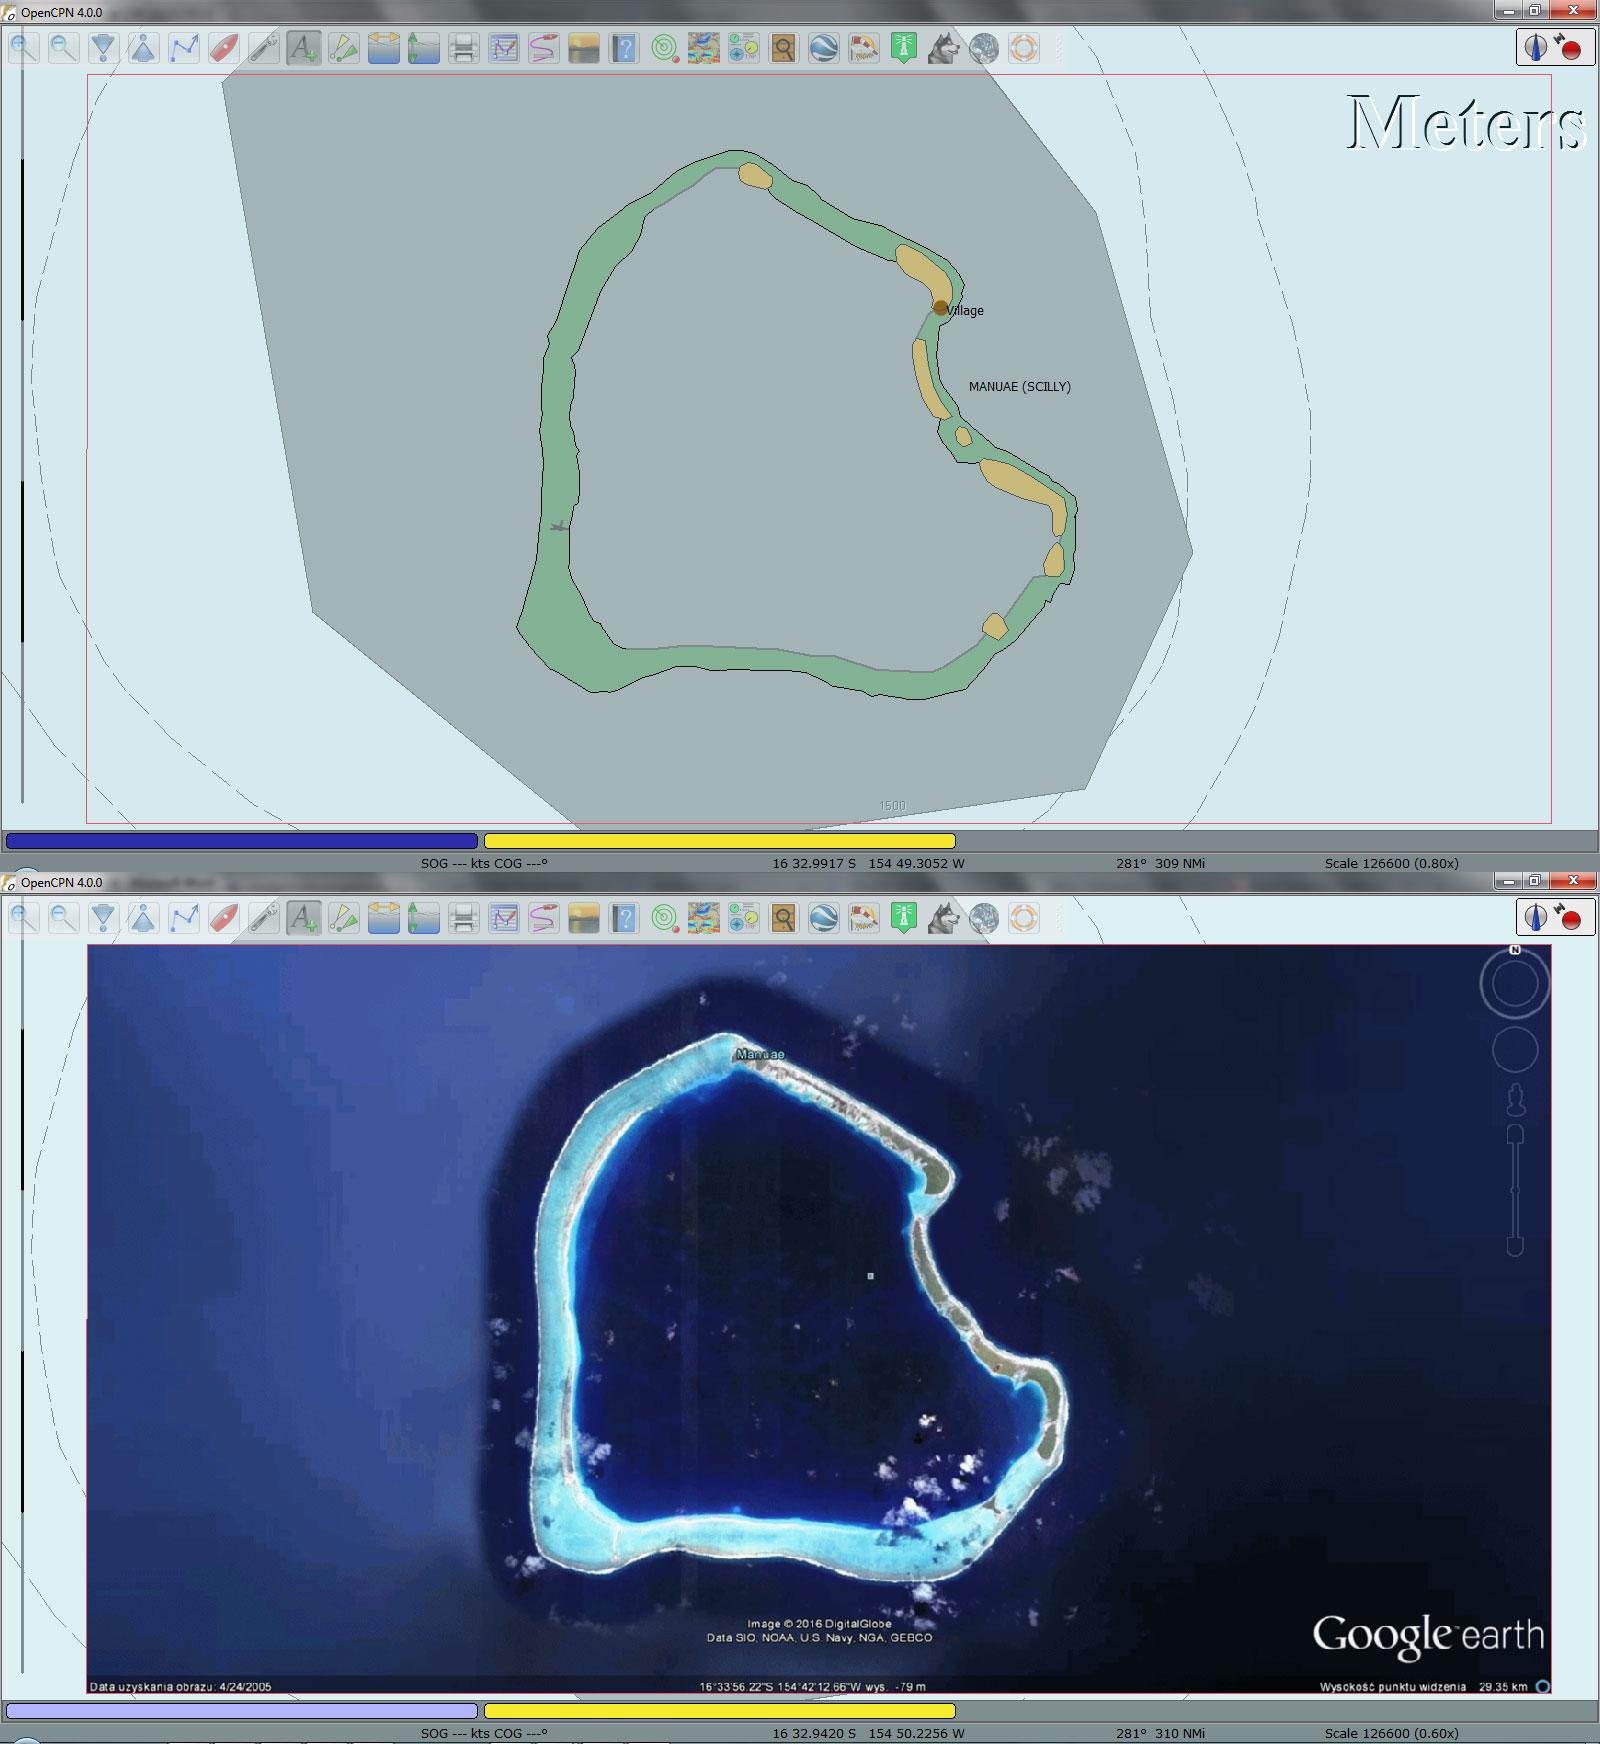 Nawigacja Google Zdjecia Satelitarne W Programach Nawigacyjnych